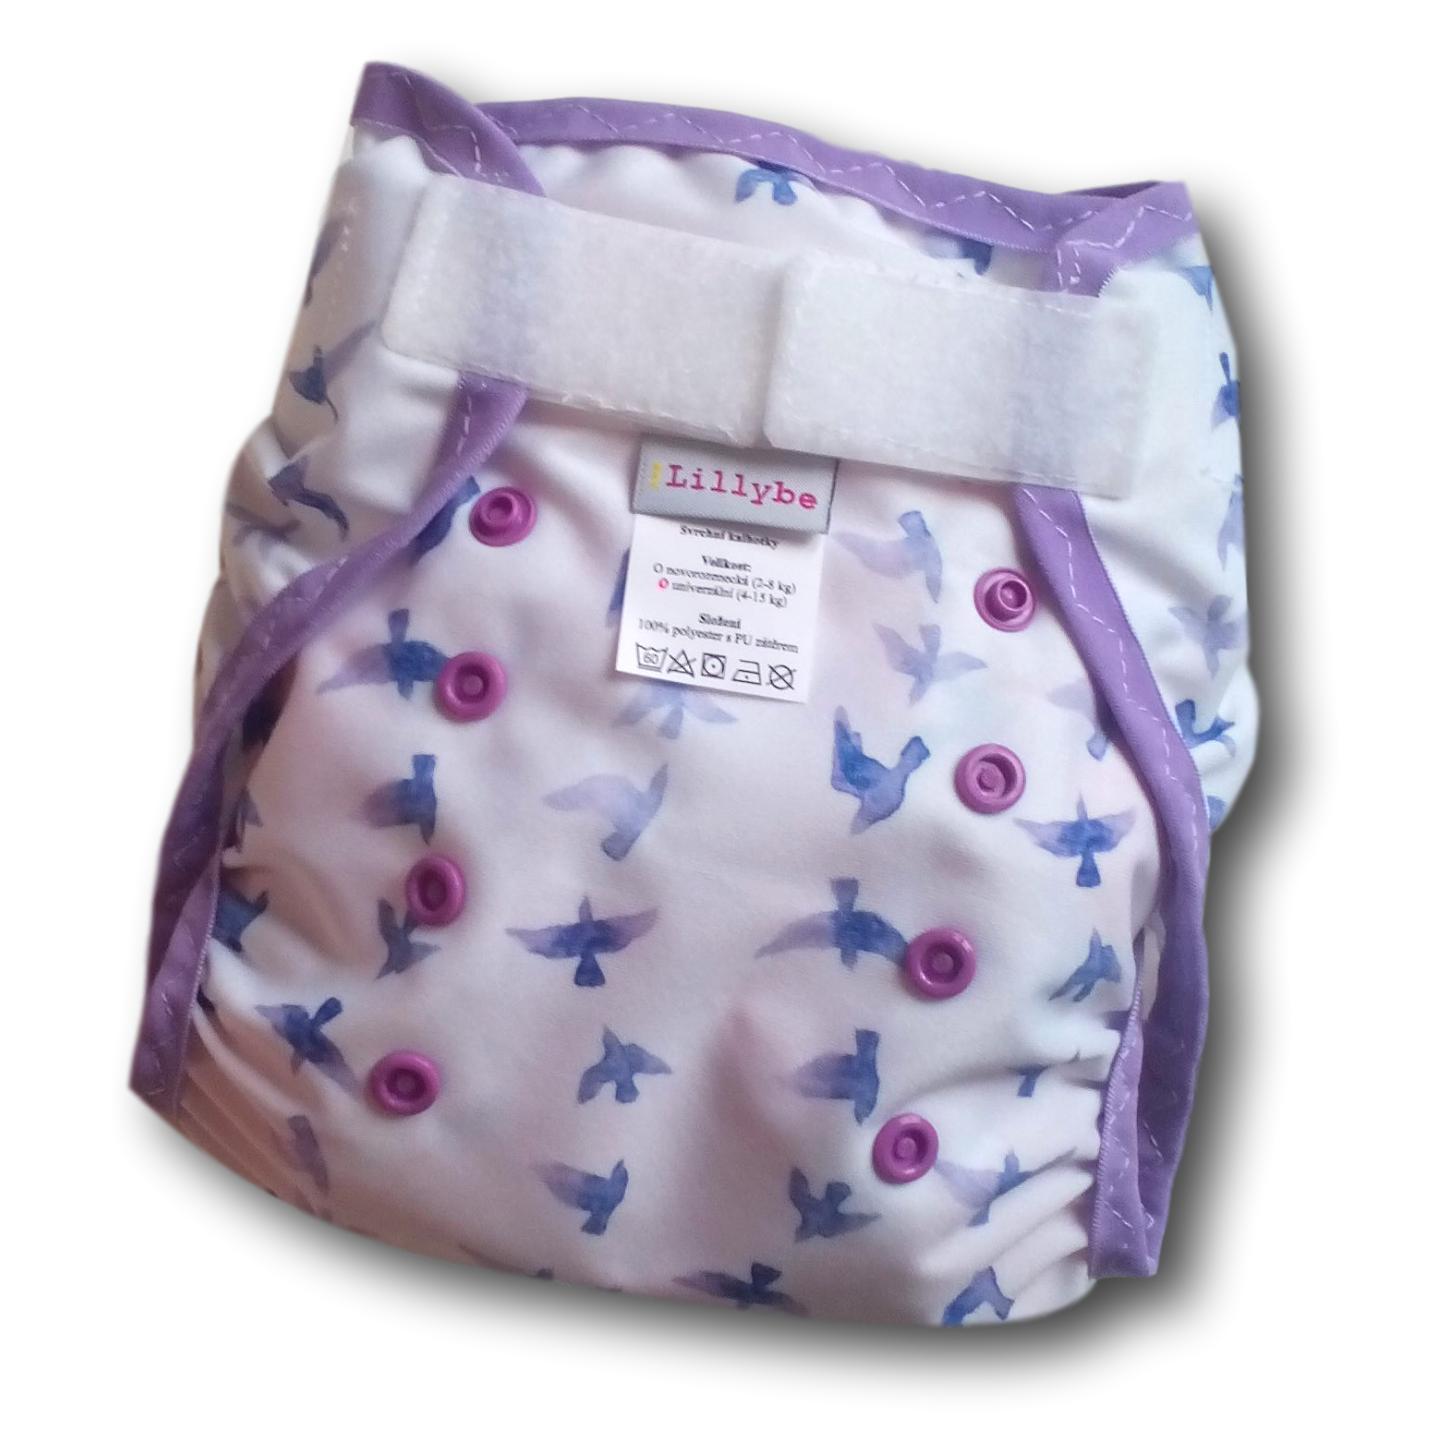 Svrchní kalhotky Lillybe SZ racci, jednovelikostní (Jednovelikostní svrchní PUL Lillybe)